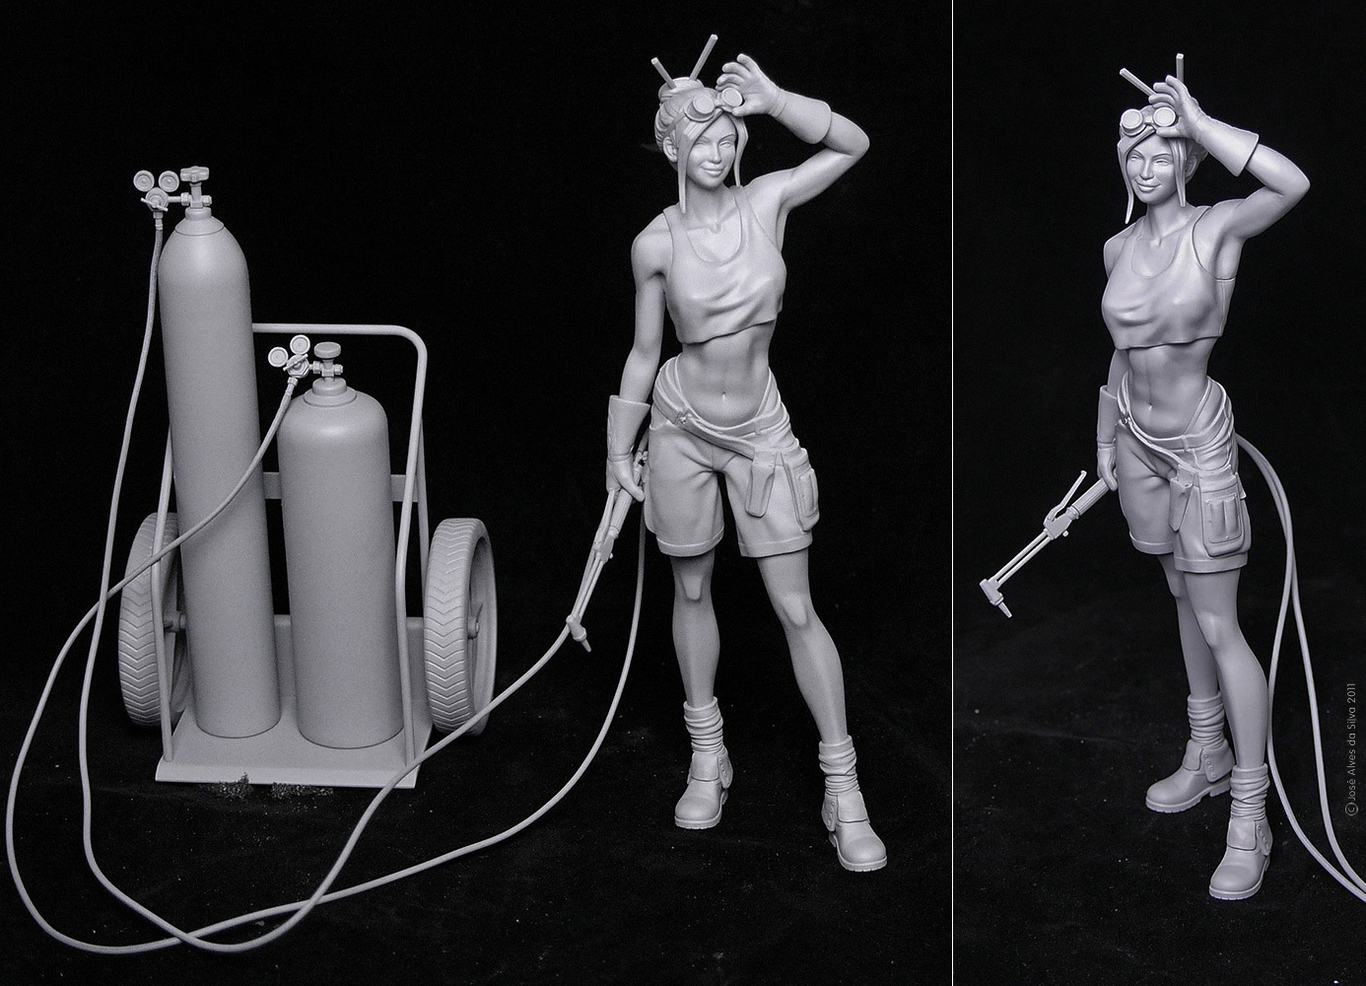 Zeoyn welder girl 3d print 1 1c8705dc pjju